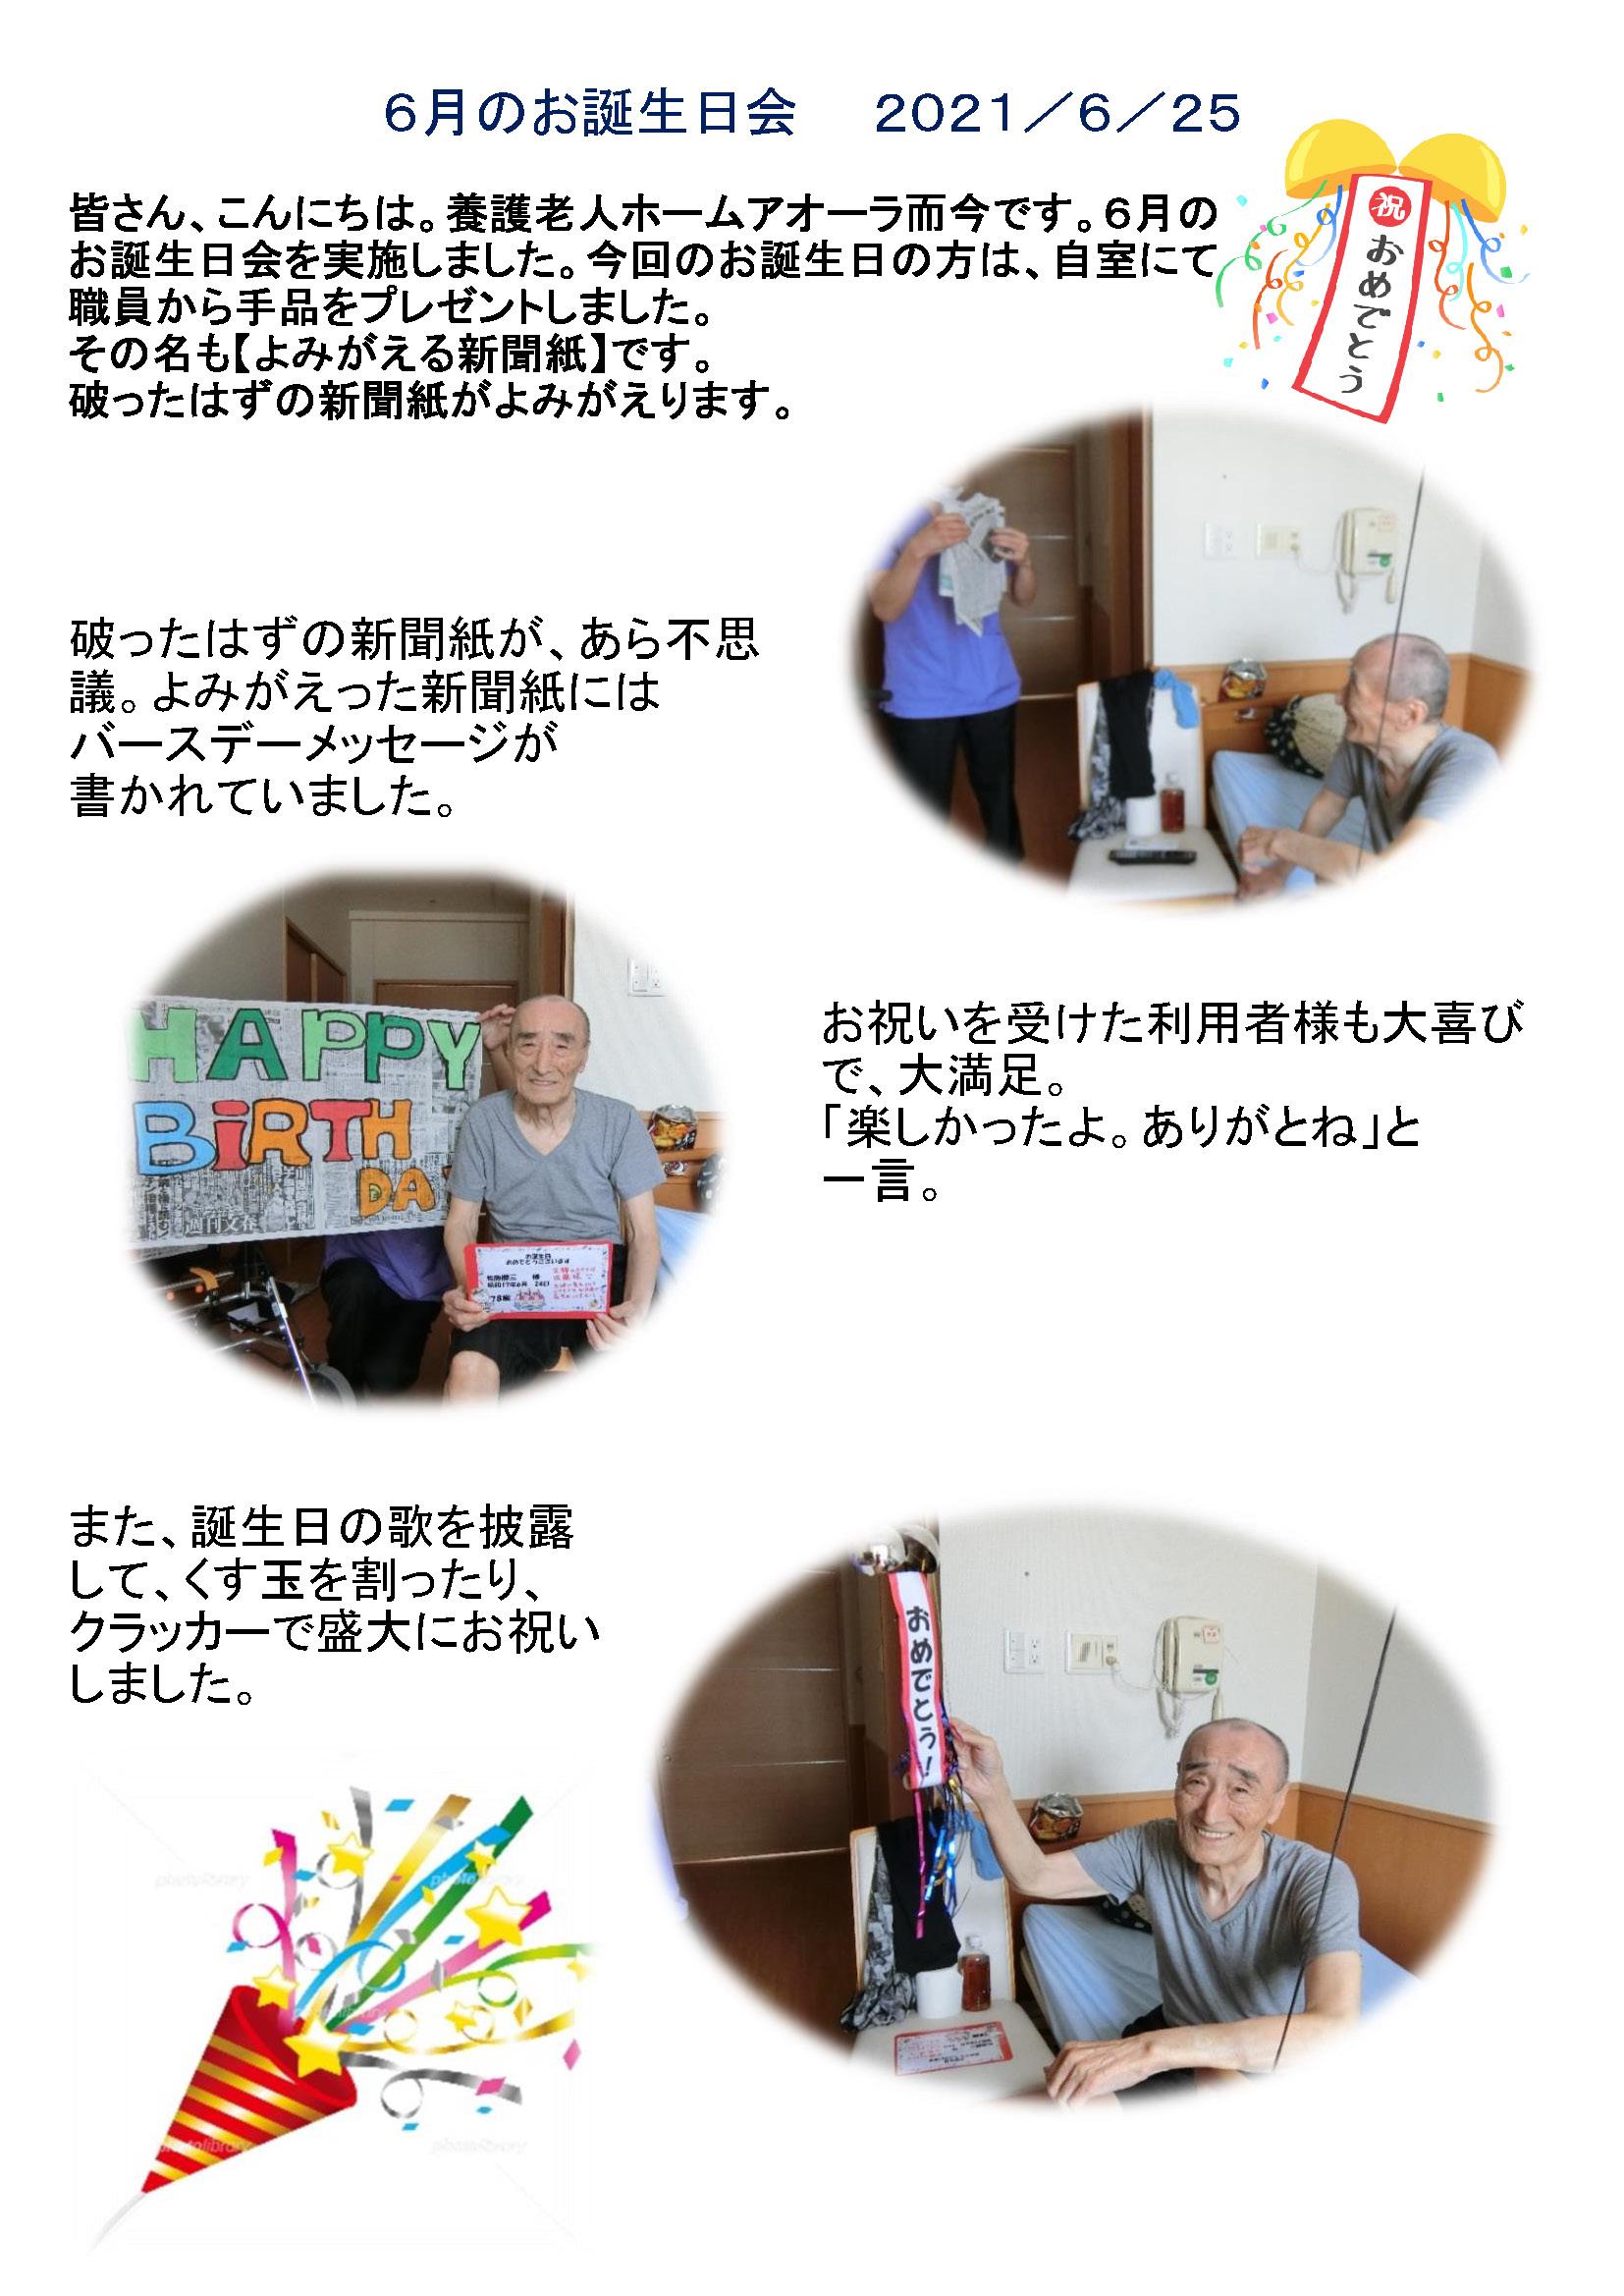 栃木県宇都宮市_養護老人ホーム_6月のブログ